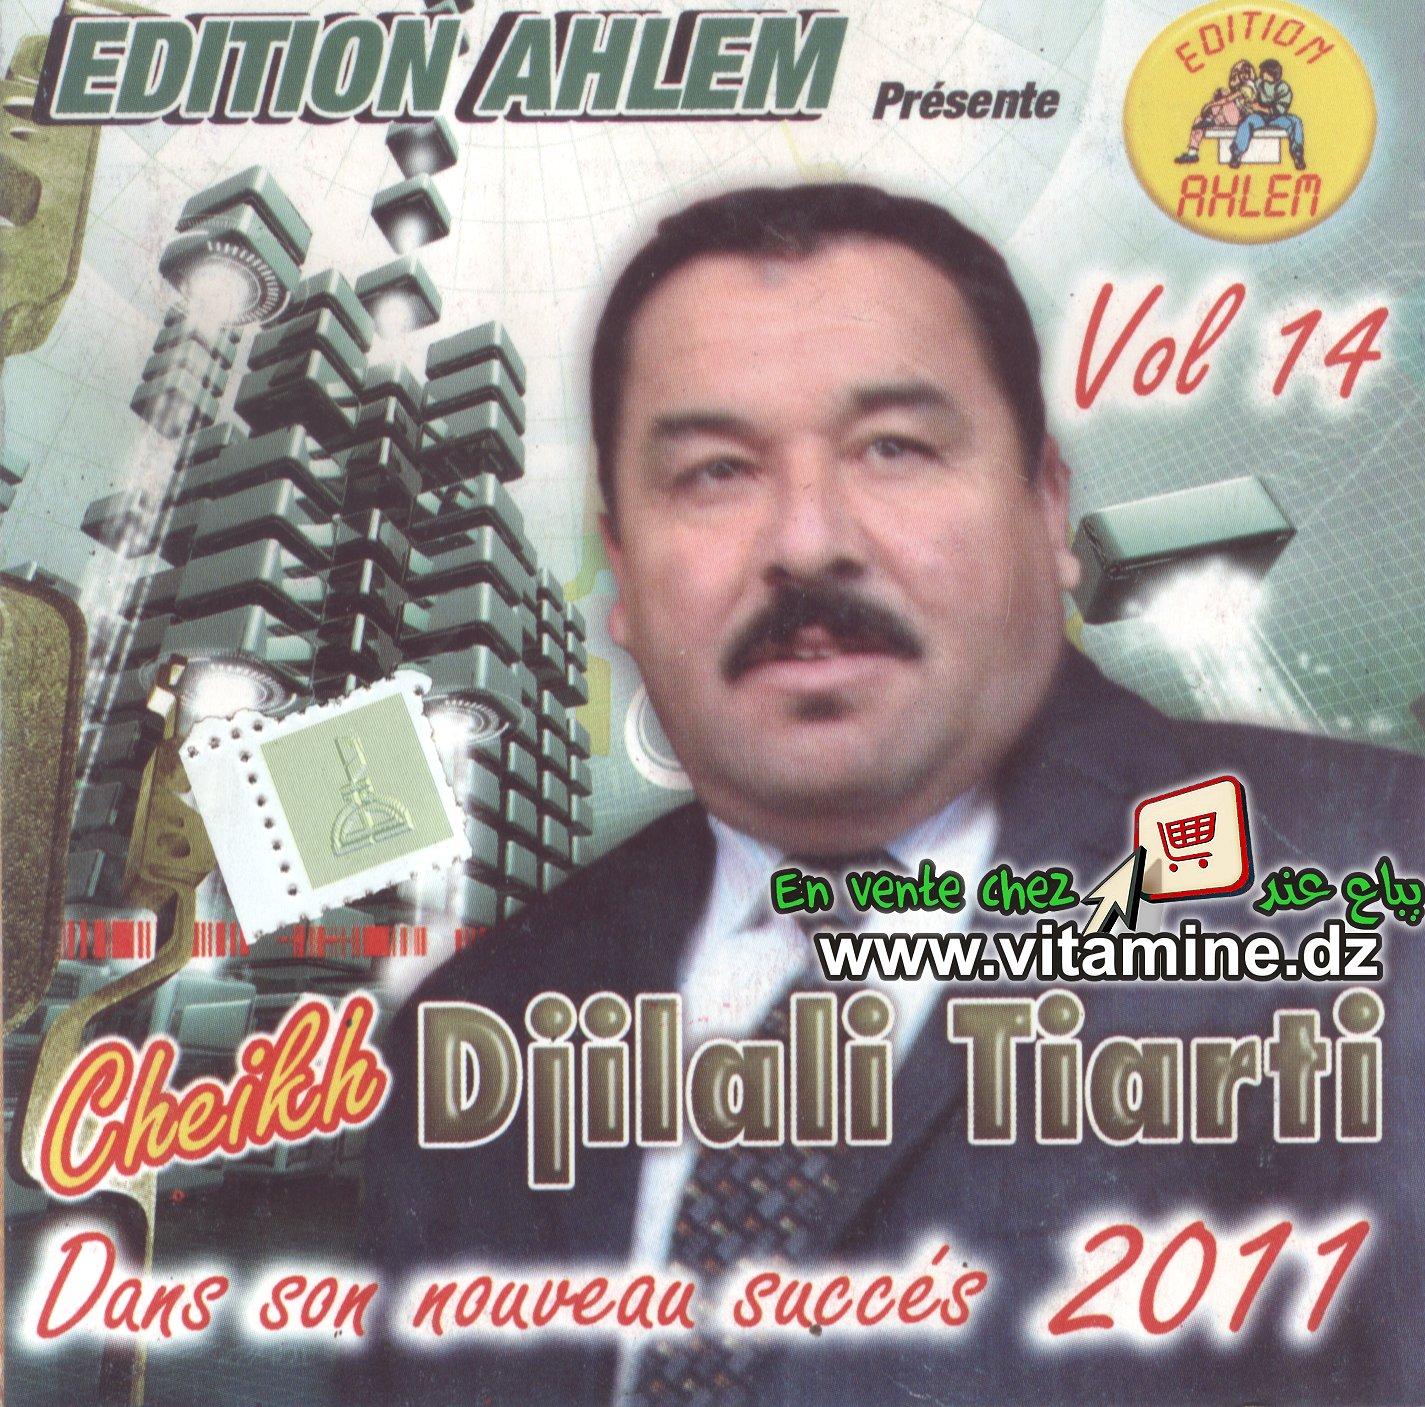 Cheikh Djilali Tiarti - vol 14